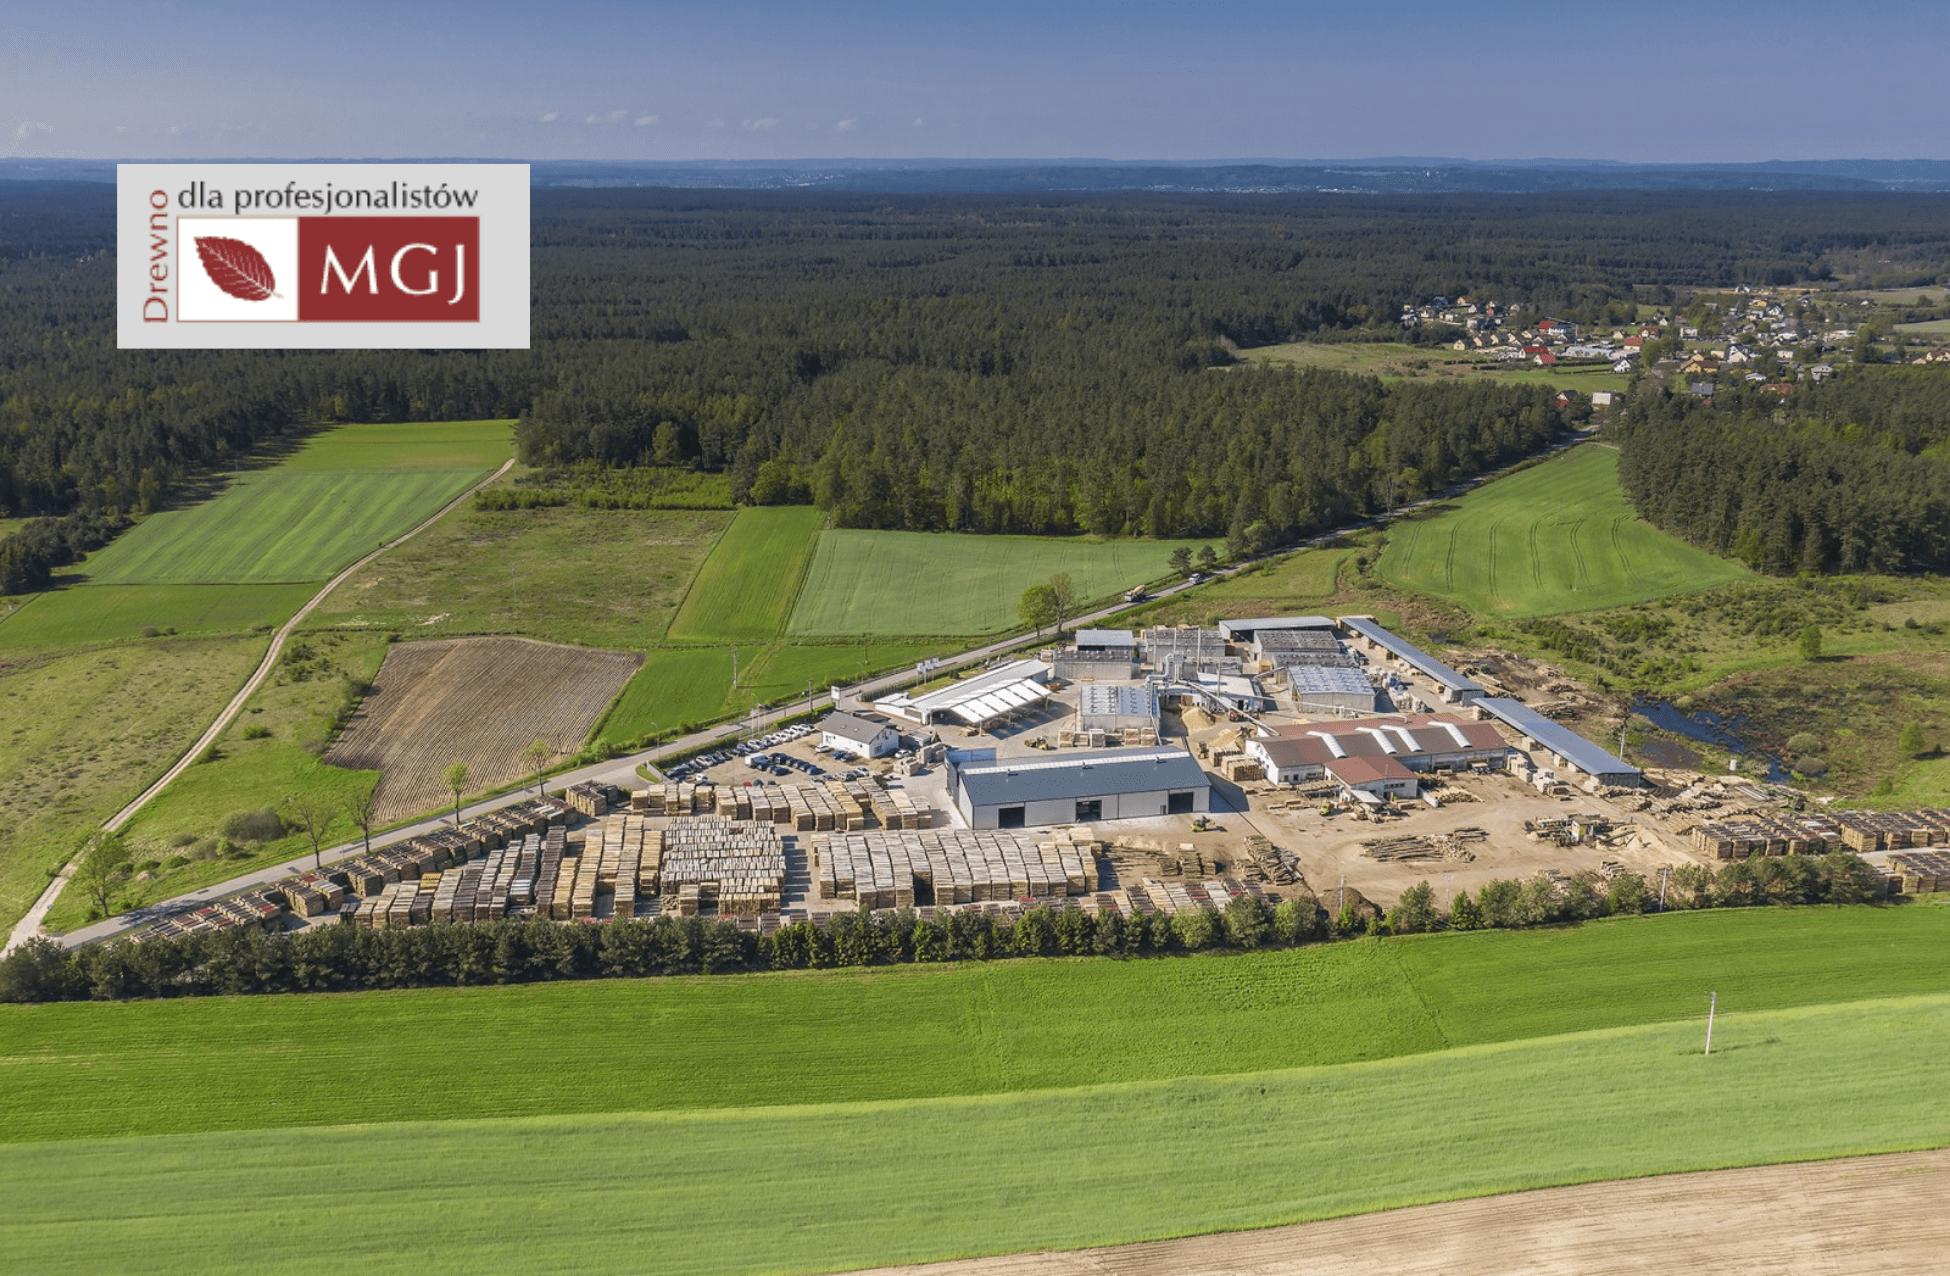 MGJ Sp. z o.o - Inżynieria BHP